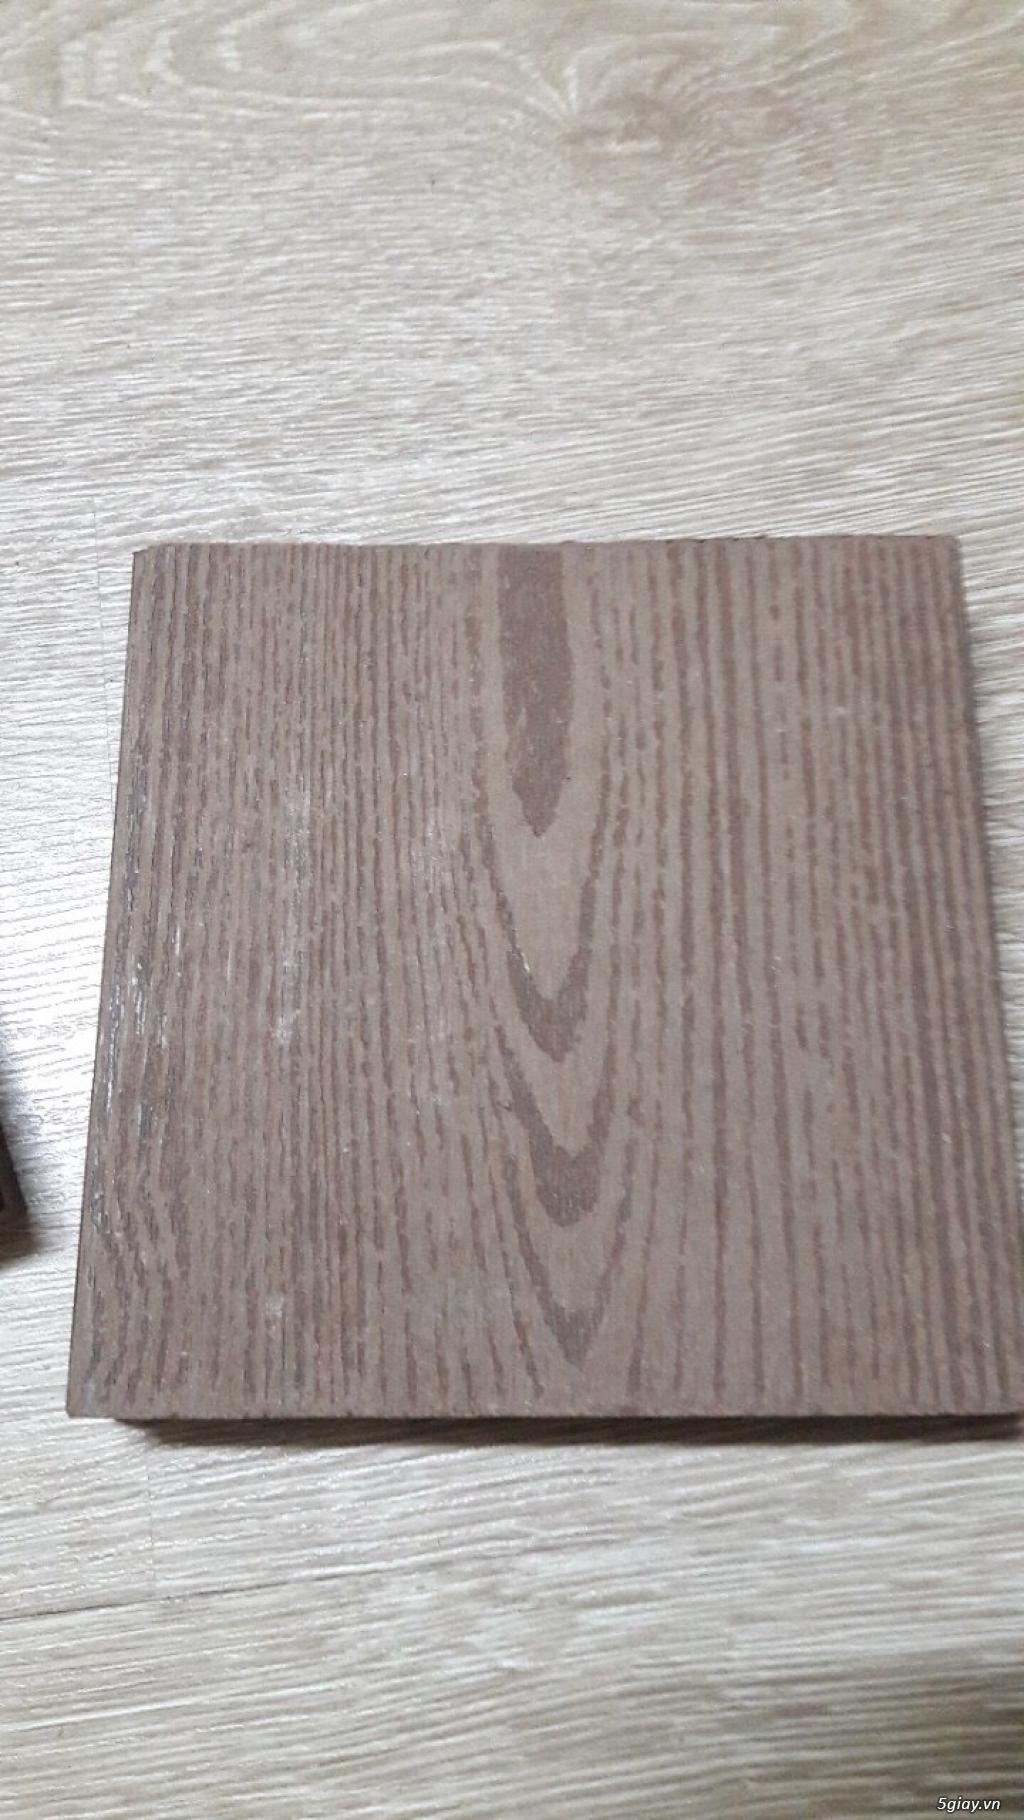 Cung cấp, thi công sàn gỗ tốt nhất hiện nay - 4